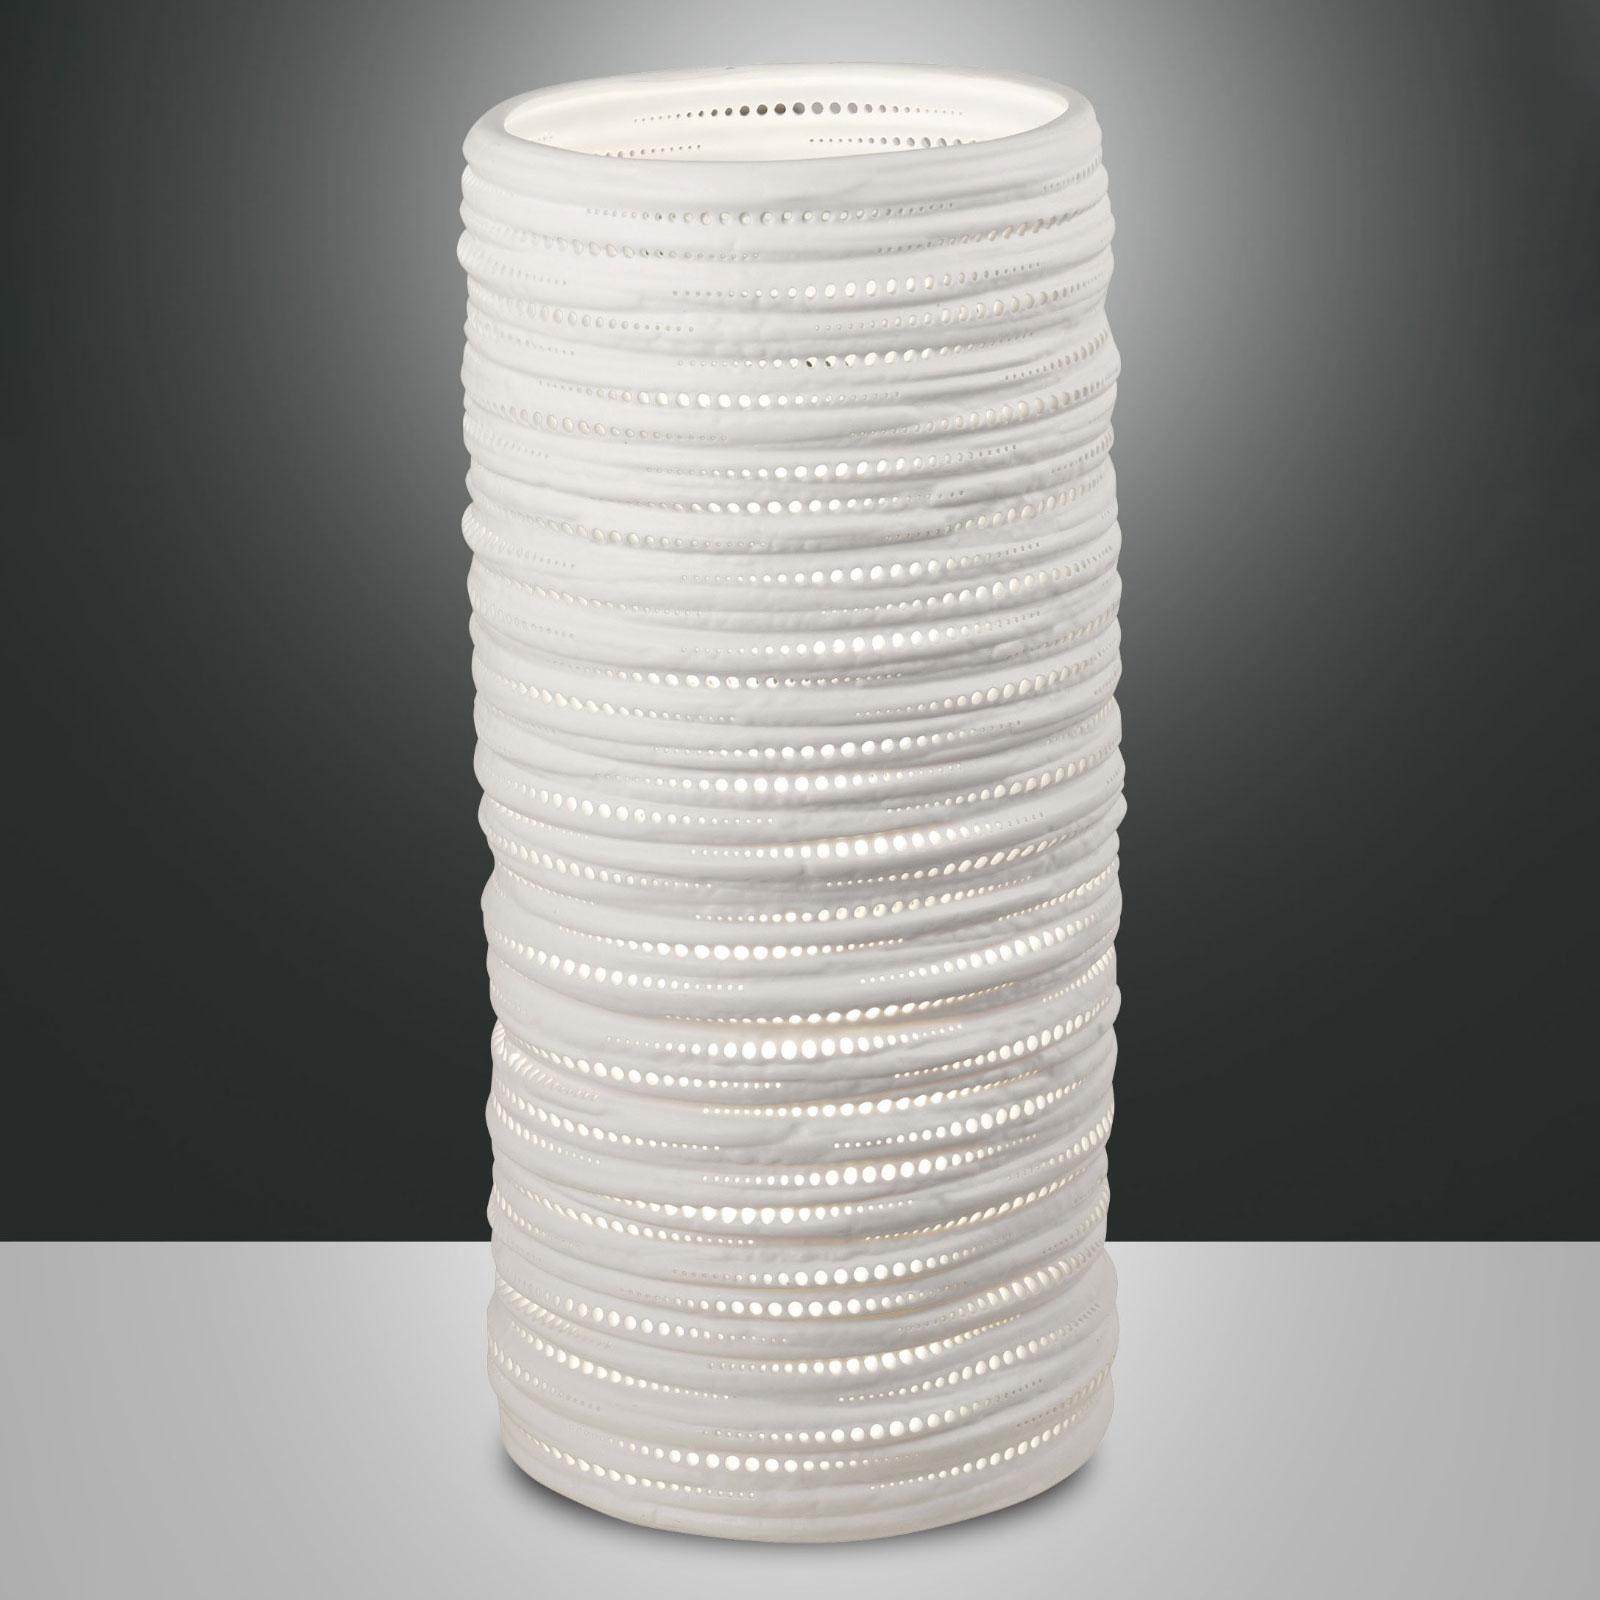 Tischleuchte Marbella aus Keramik, Höhe 37 cm